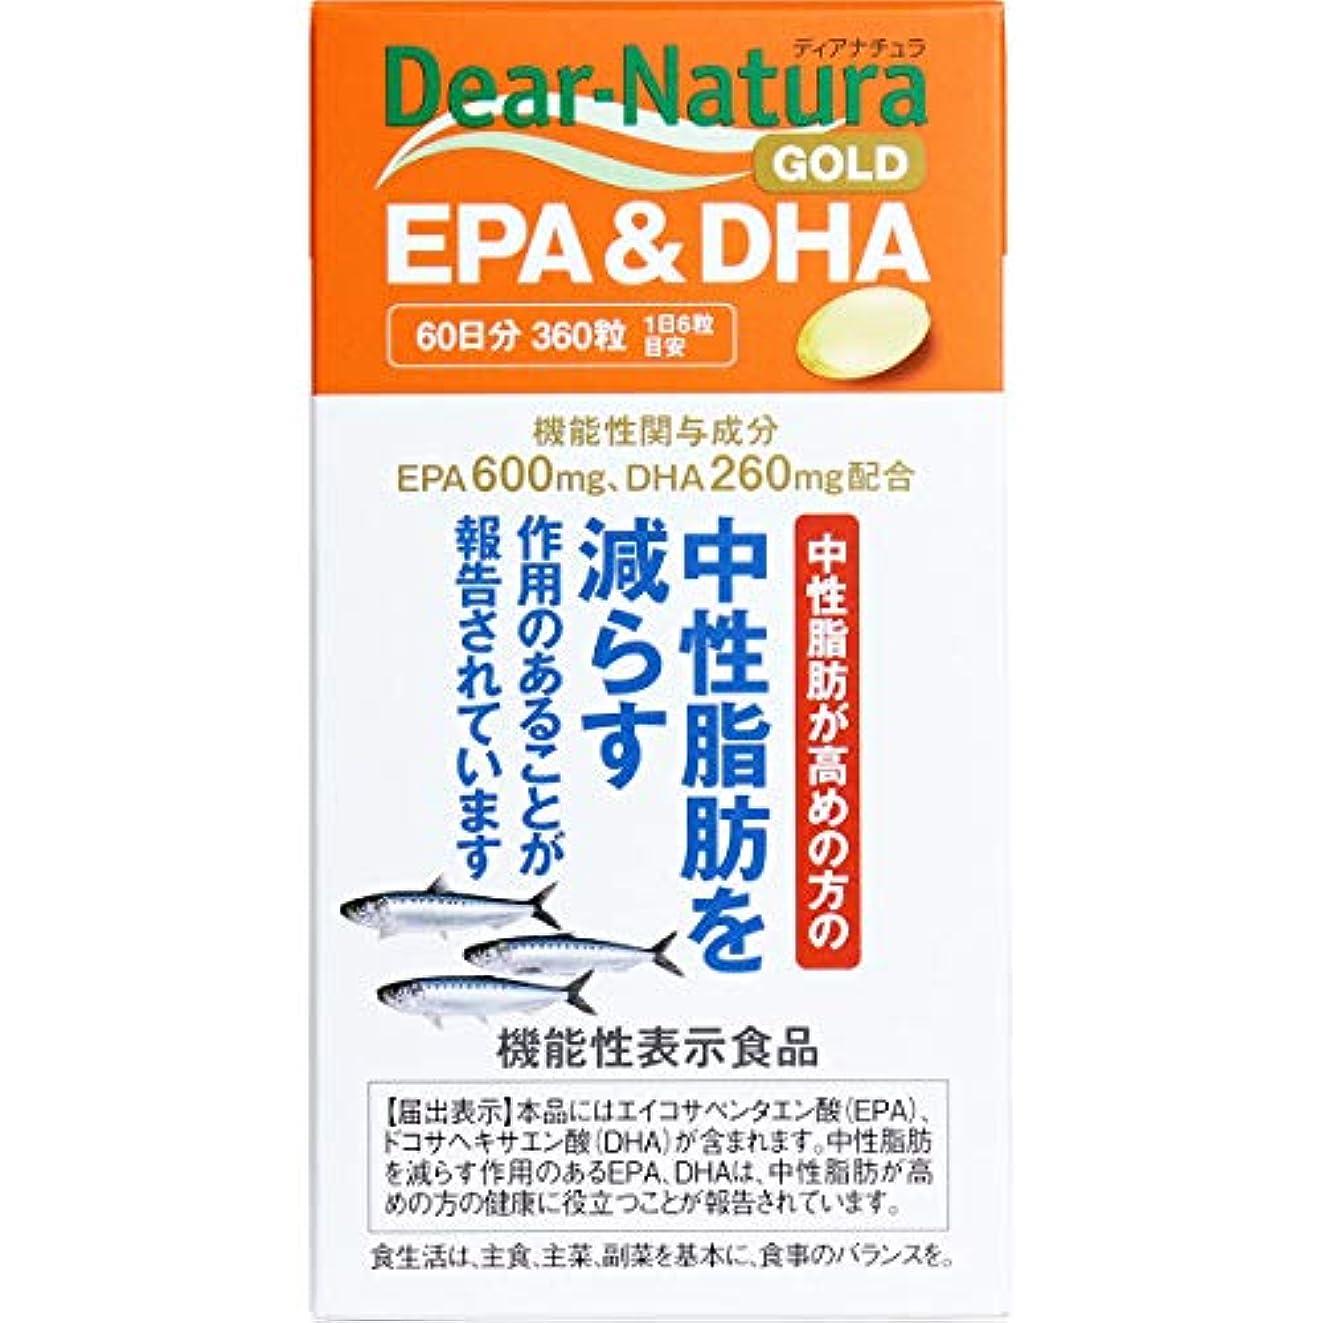 風が強いグレード読みやすさディアナチュラゴールド EPA&DHA 60日分 360粒入×5個セット